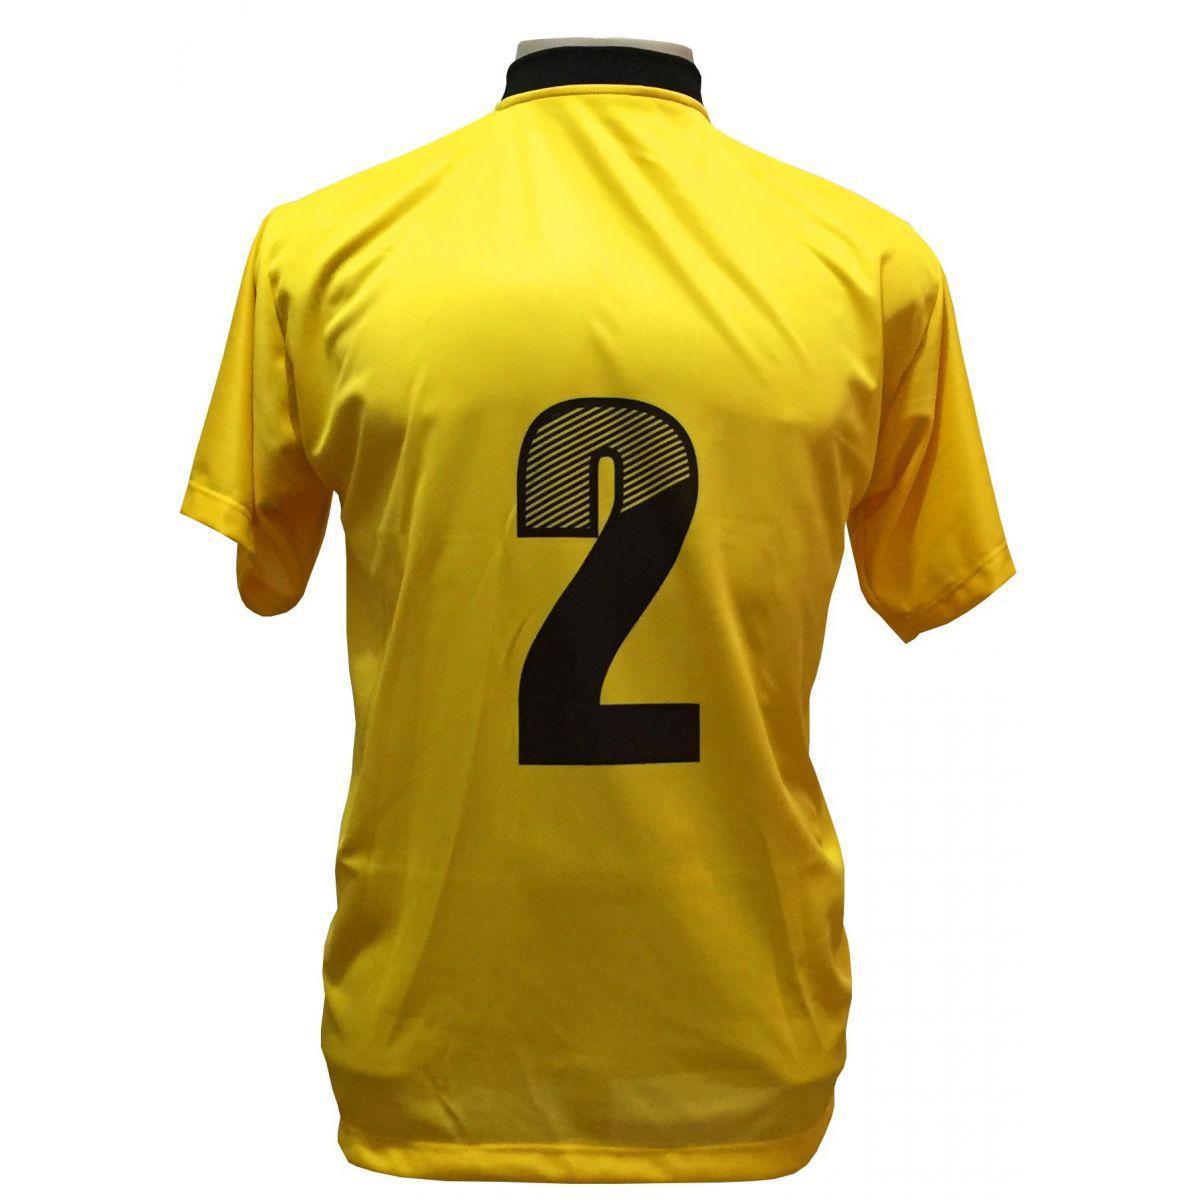 6d3f81034f Uniforme Esportivo com 12 Camisas modelo Roma Amarelo Preto + 12 Calções  modelo Madrid Preto - Play fair - Uniforme de Futebol - Magazine Luiza